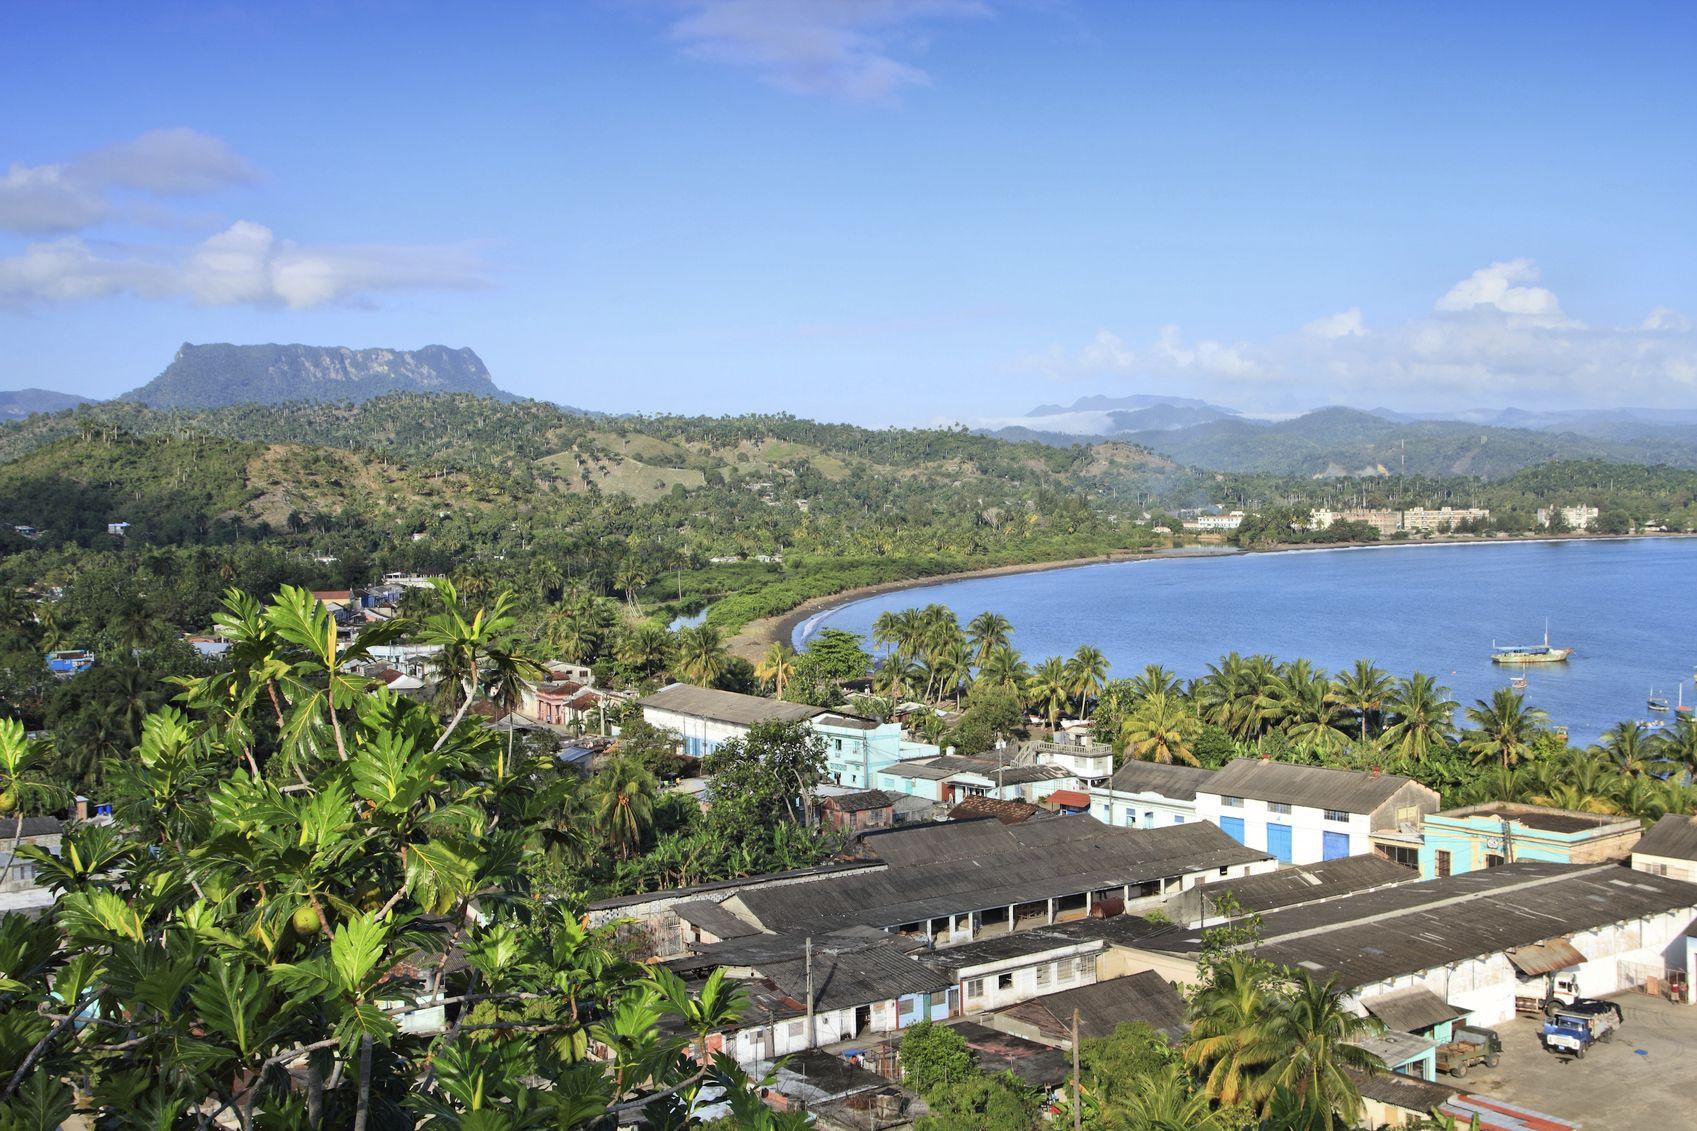 Baracoa, som blev grundlagt i 1512. Byen ligger smukt ved bugten omkranset af bjerge fyldt med kokospalmer. Klimaet her er perfekt til dyrkning af kakao og byen står for 80 % af Cubas samlede kakaoproduktion.